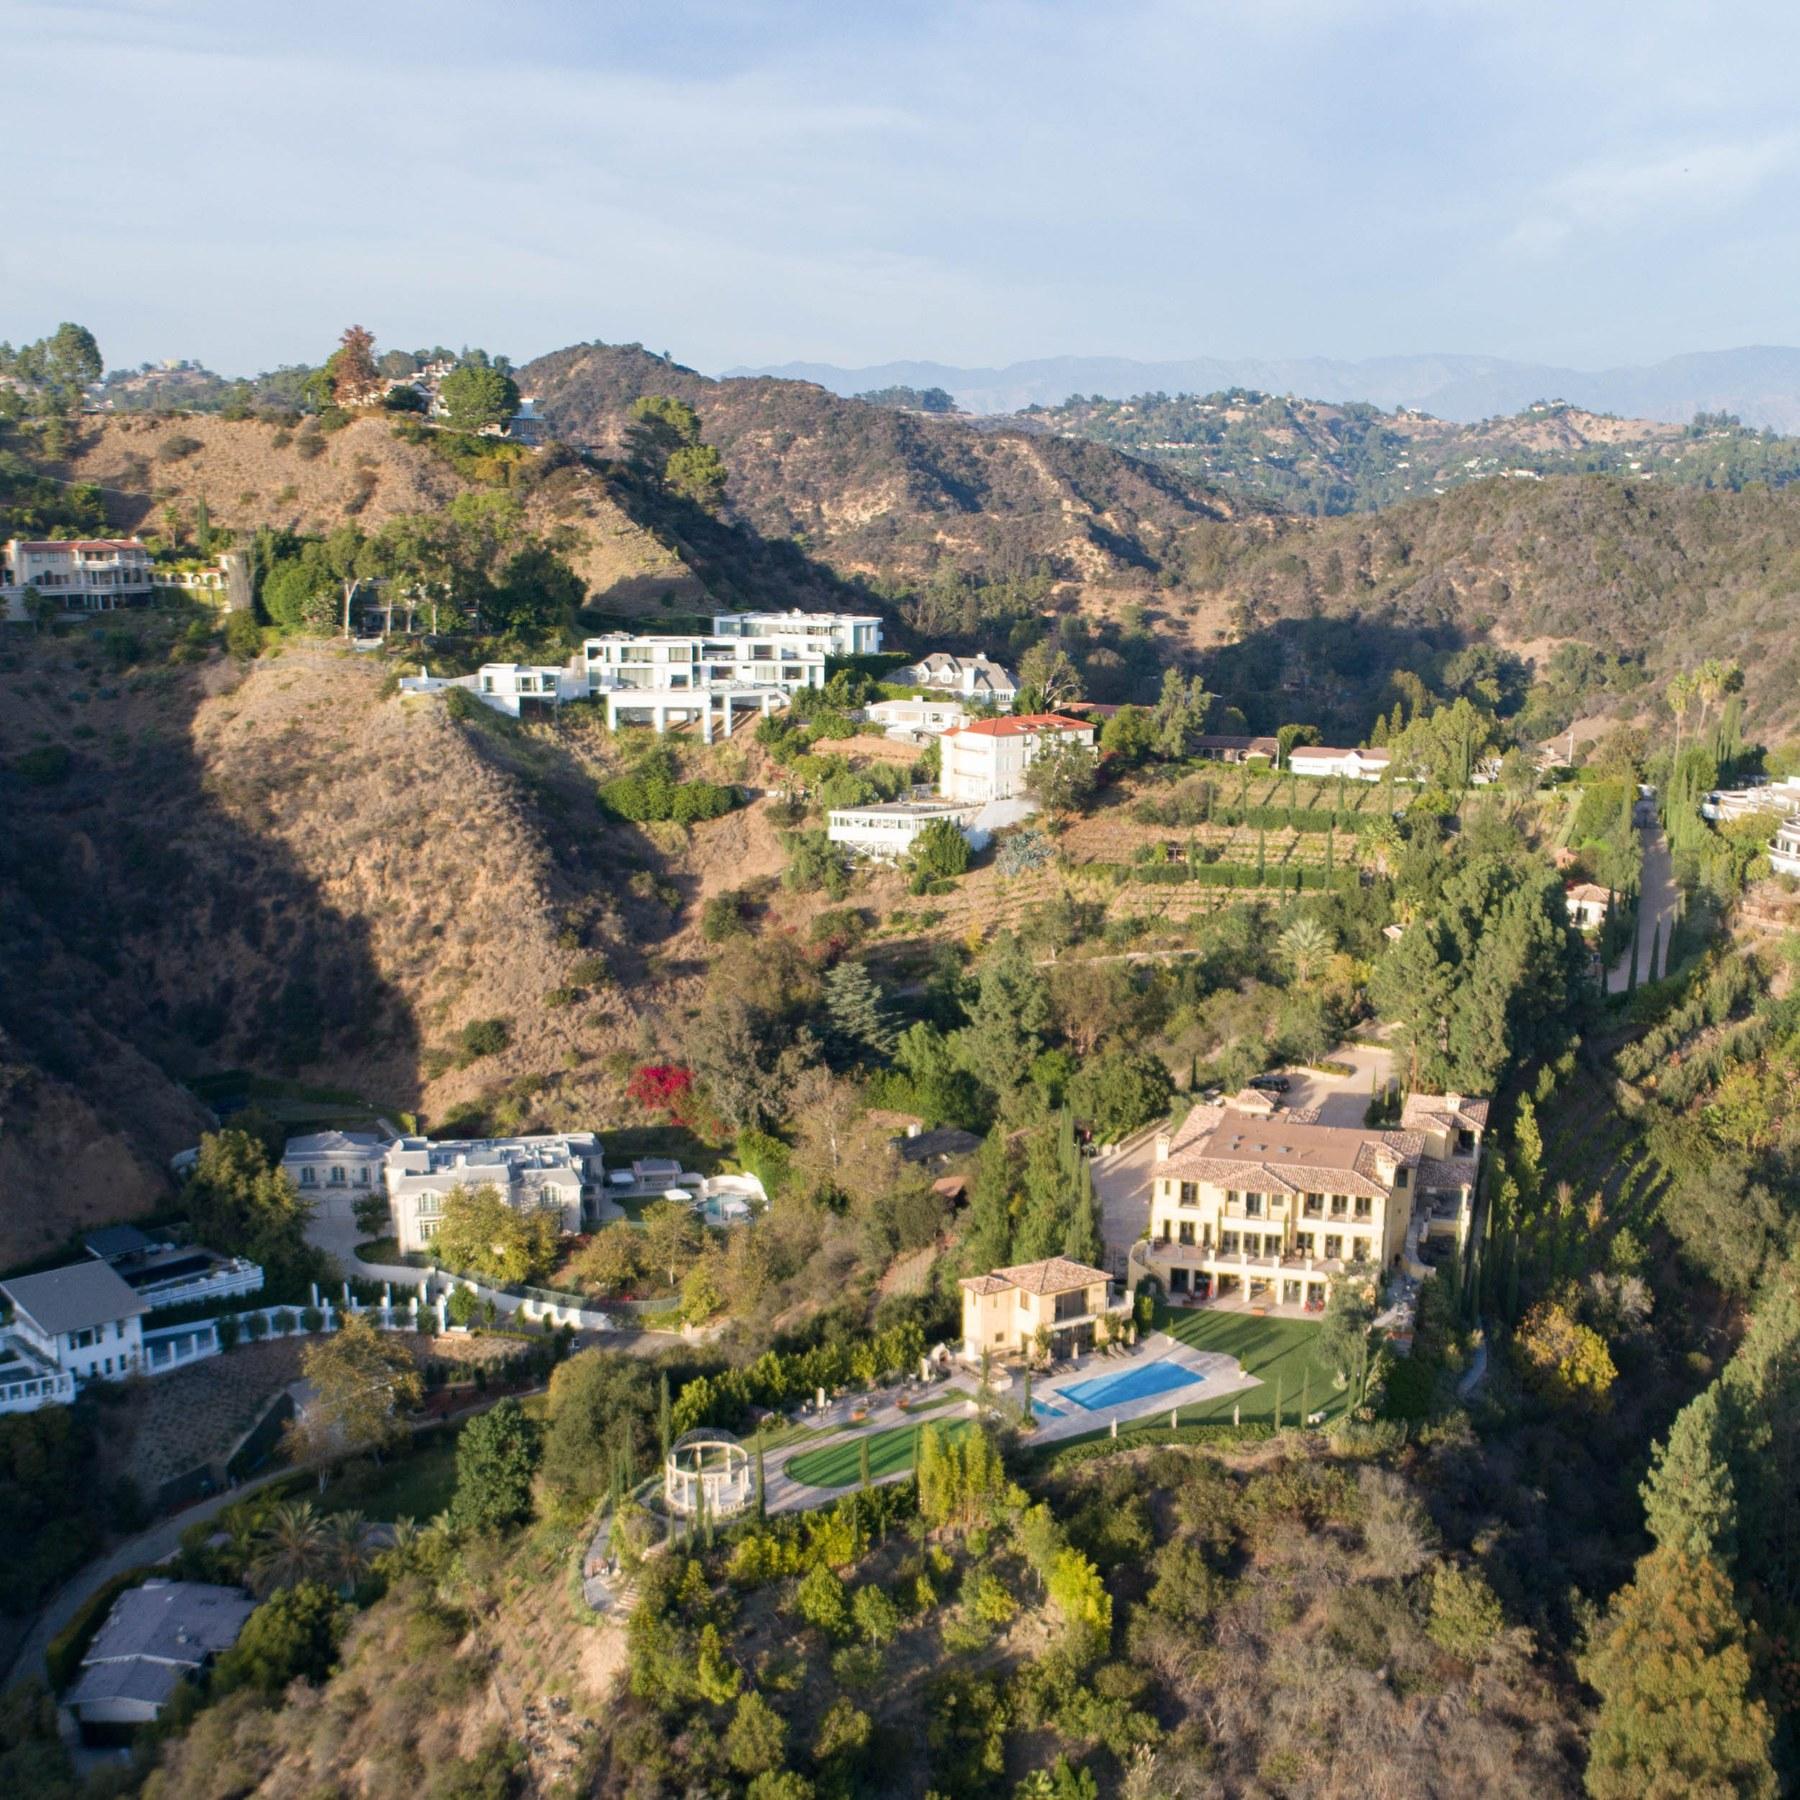 Bel Air, Los Angeles CA - Neighborhood Guide